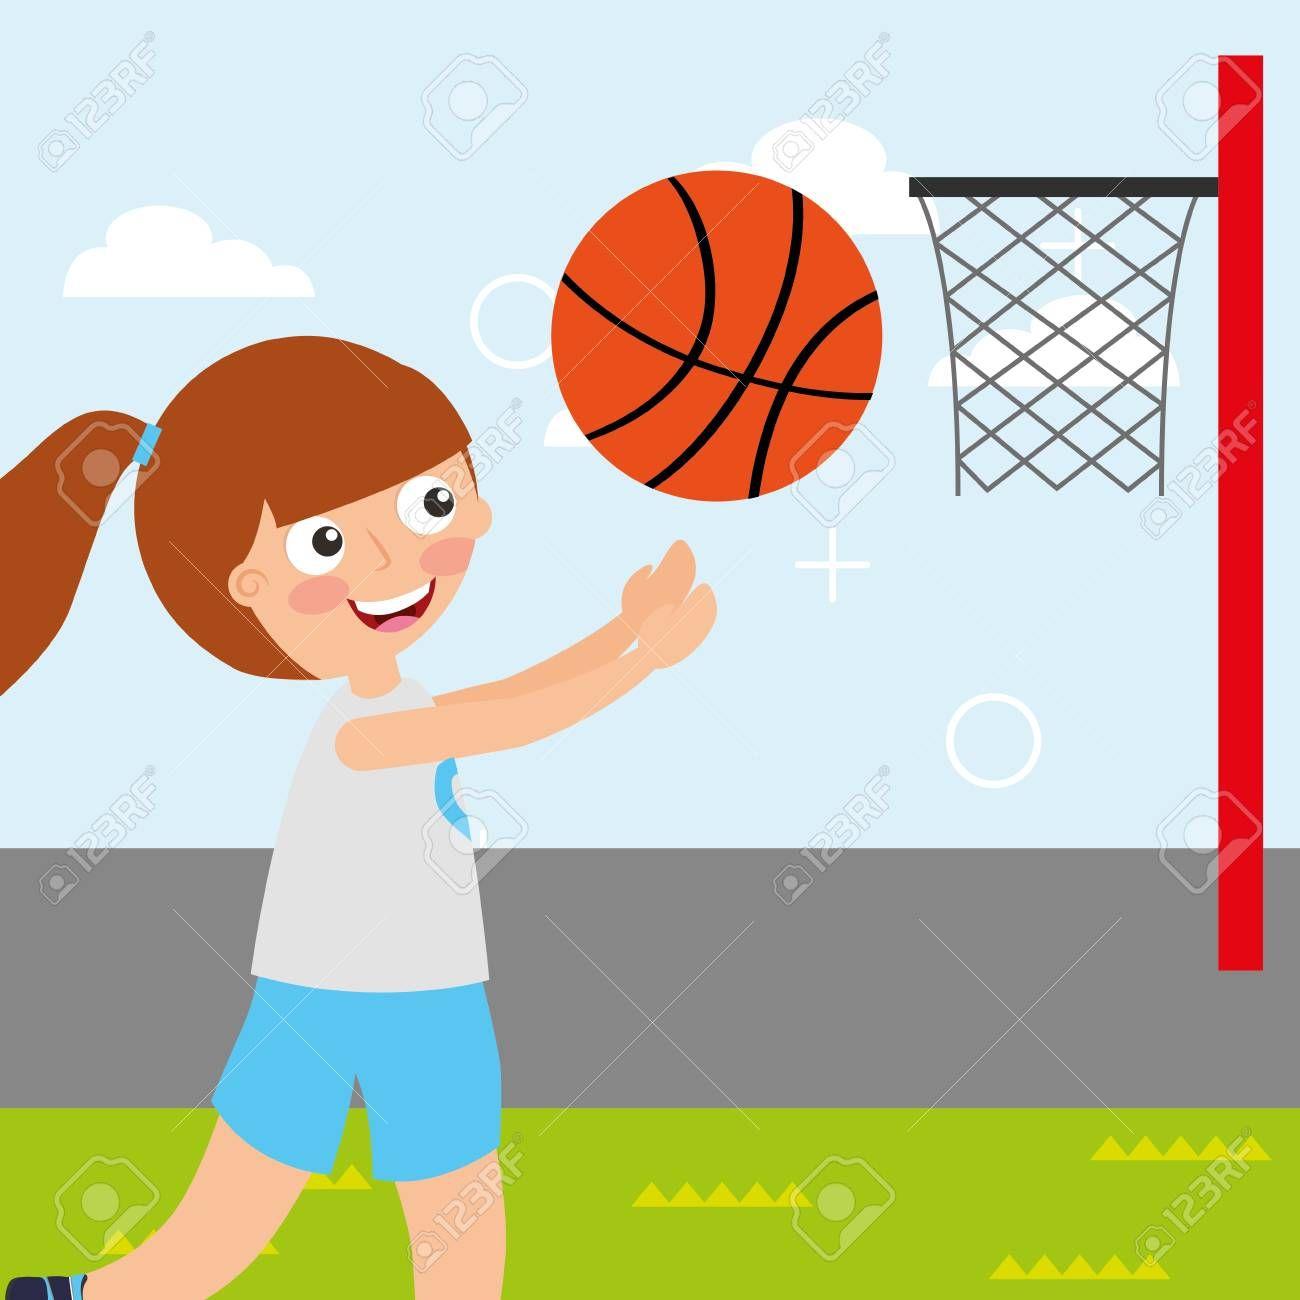 Little Girl Basketball Player Sport Kids Activity Vector Illustration Stock Photo Affiliate Sport Sports Activities For Kids Kids Sports Basketball Girls